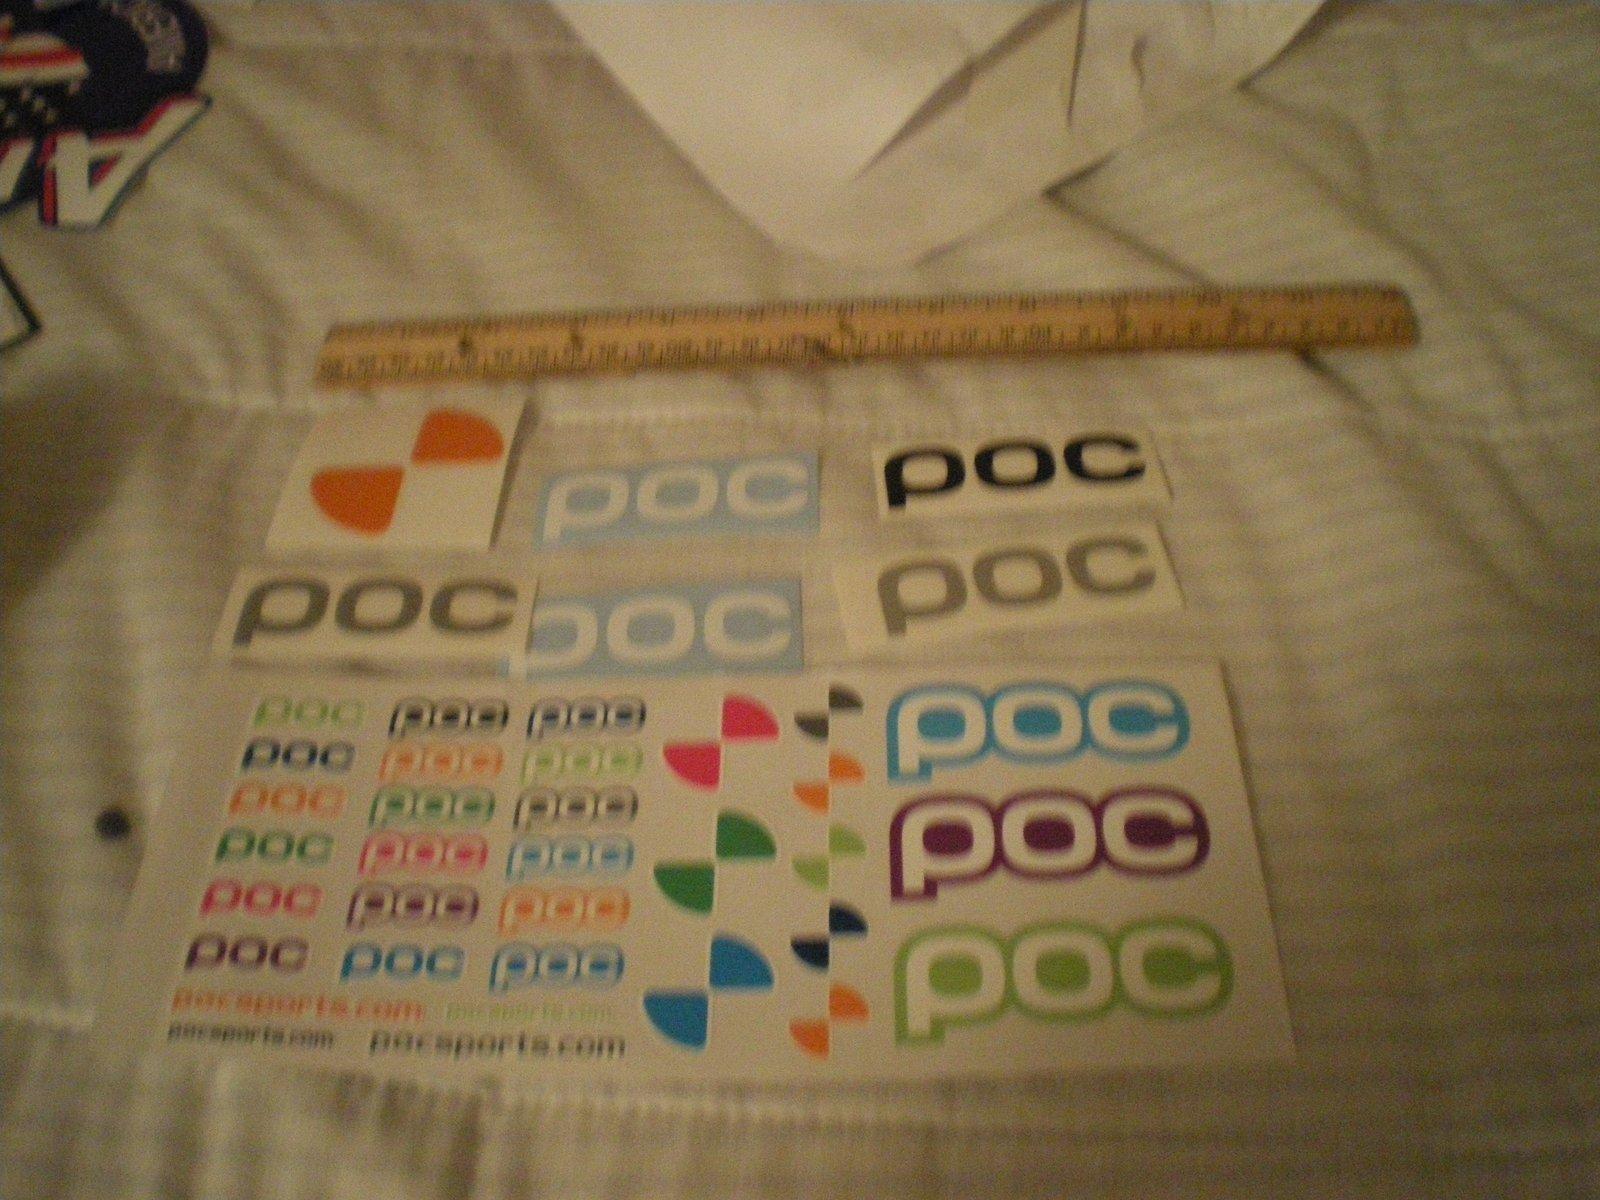 Poc stickers